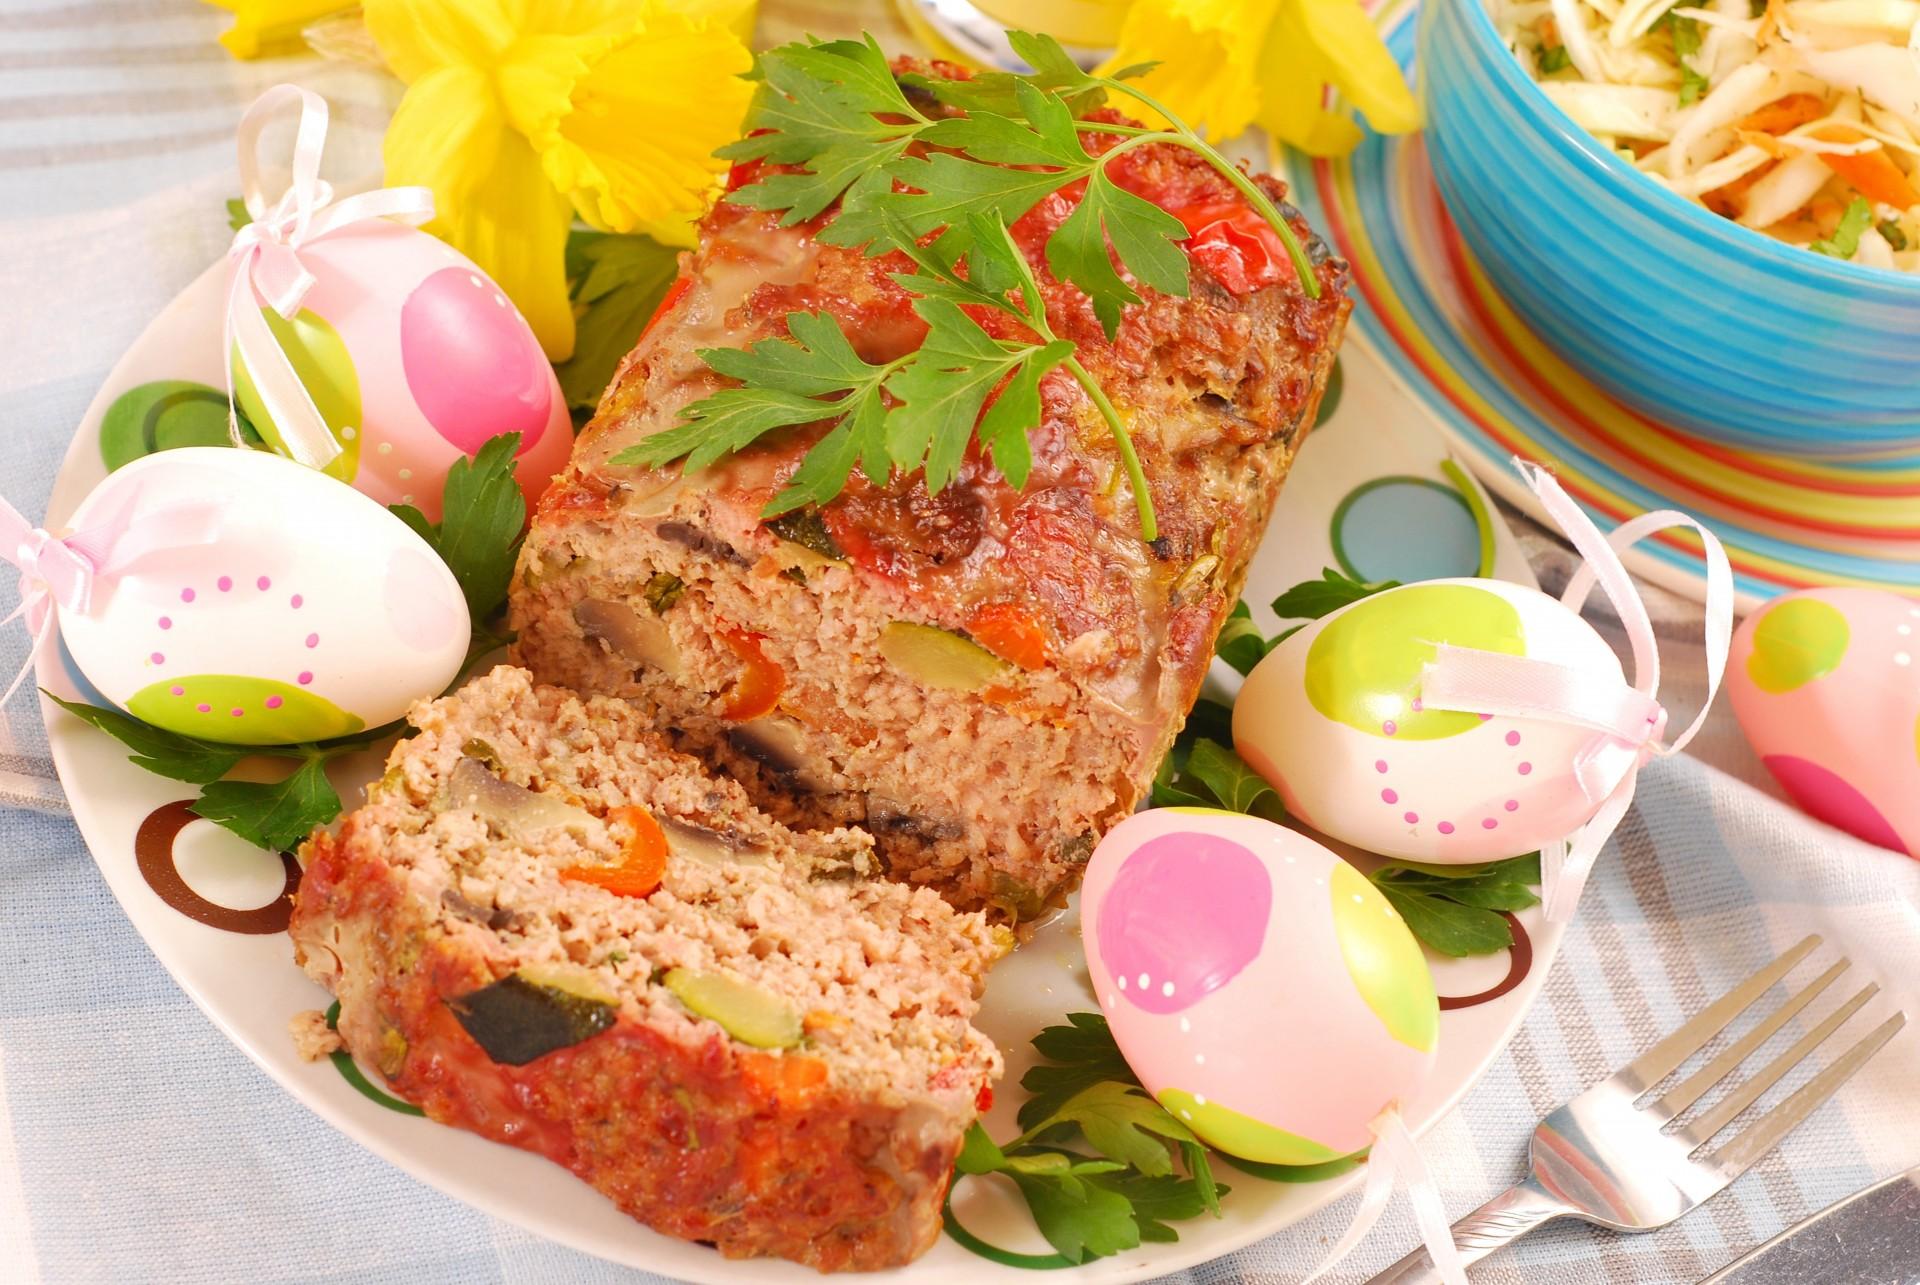 справедливо рецепты блюд к пасхе с фото изделие подходит